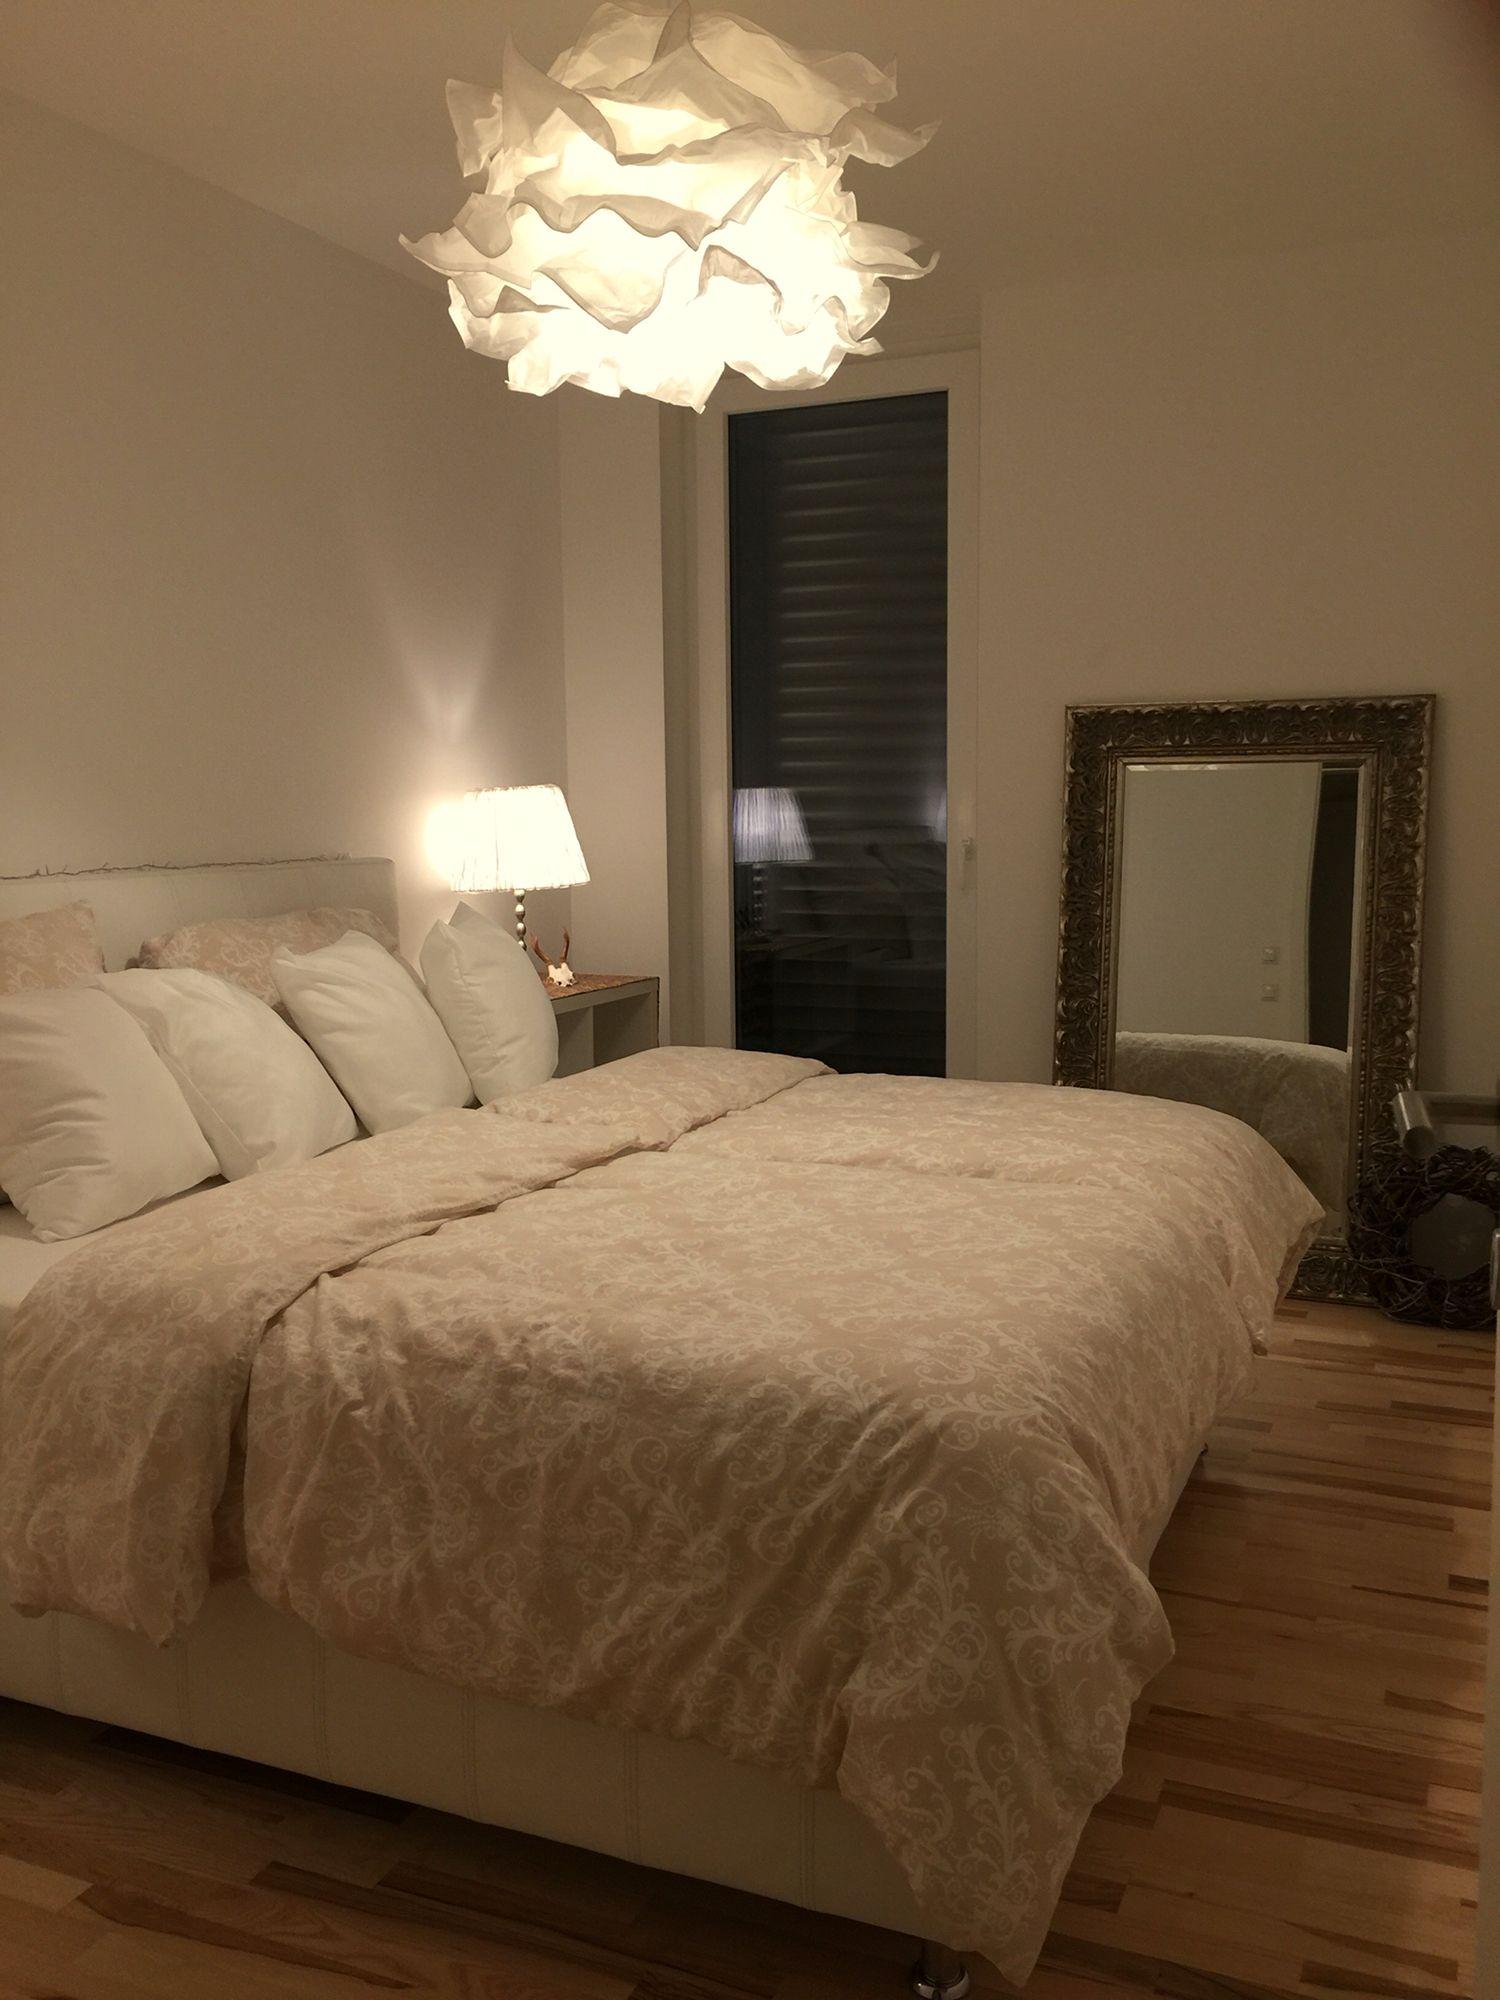 Full Size of Schlafzimmer Lampen Romantisch Ikea Krusning Romantische Weißes Wandtattoo Deckenleuchte Regal Komplette Komplett Guenstig Günstig Poco Landhausstil Schrank Schlafzimmer Romantische Schlafzimmer